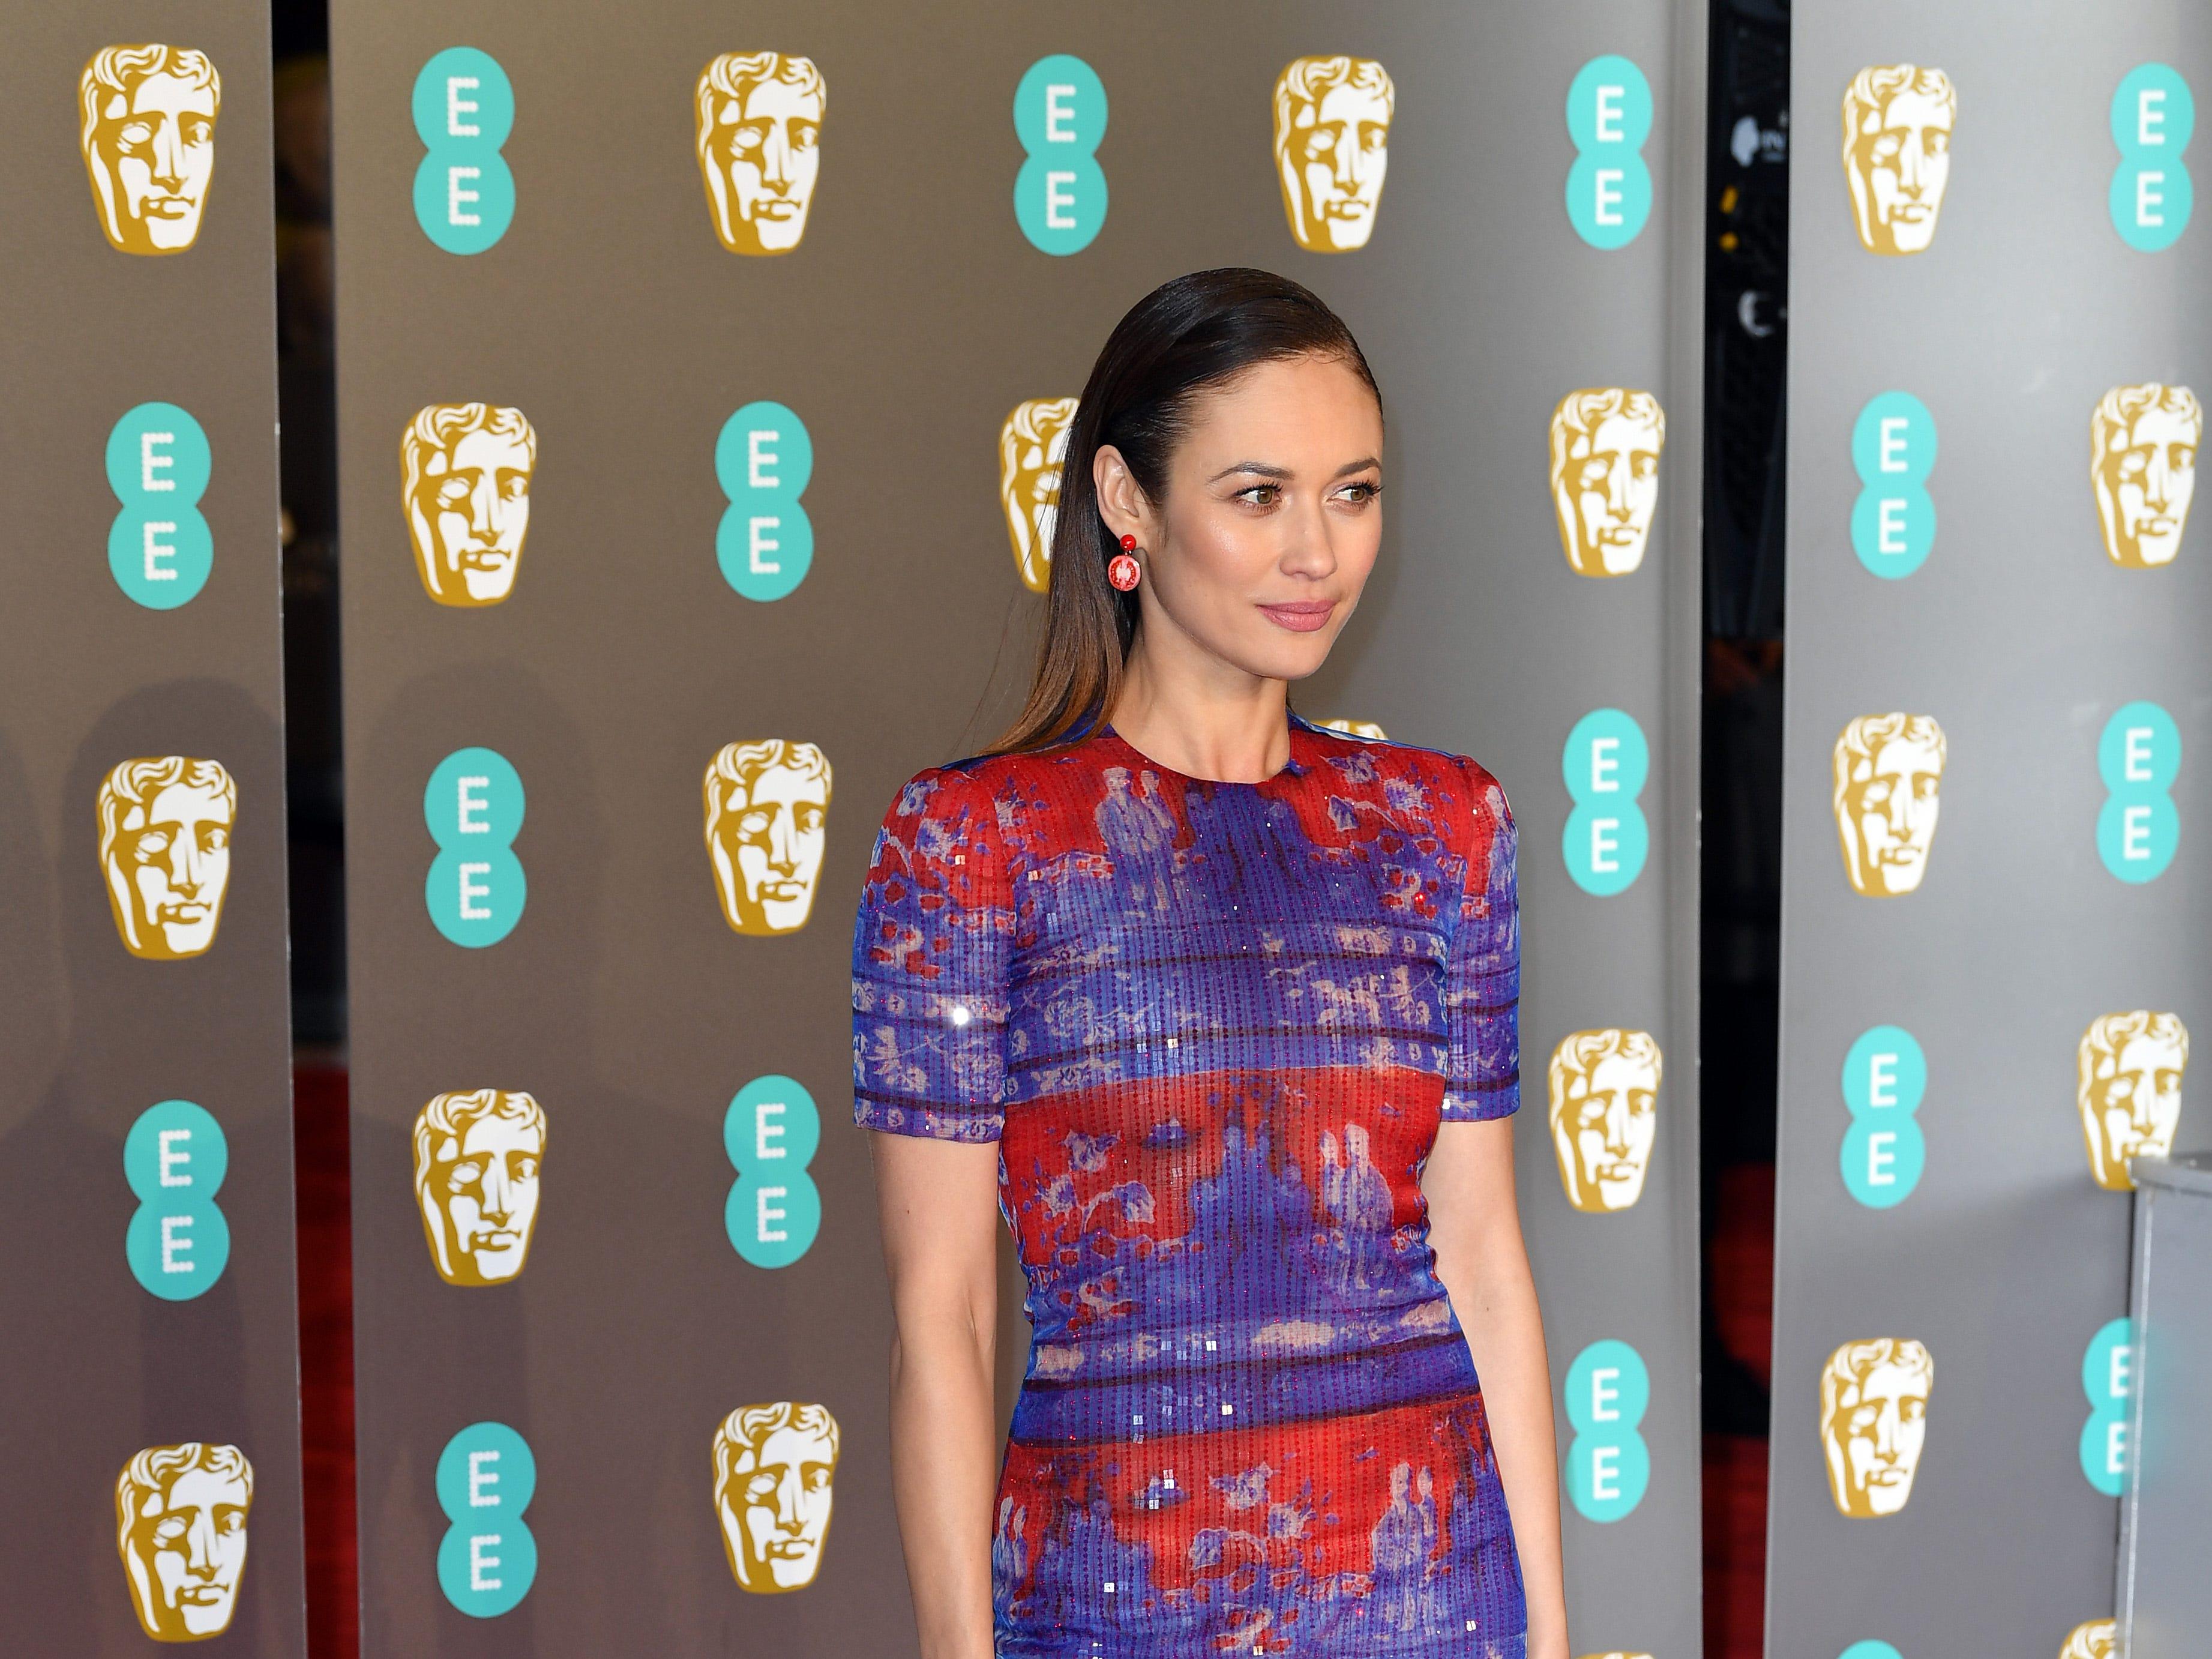 Olga Kurylenko a su llegada a la alfombra roja de los Premios de la Academia Británica de Cine BAFTA en el Royal Albert Hall en Londres el 10 de febrero de 2019.